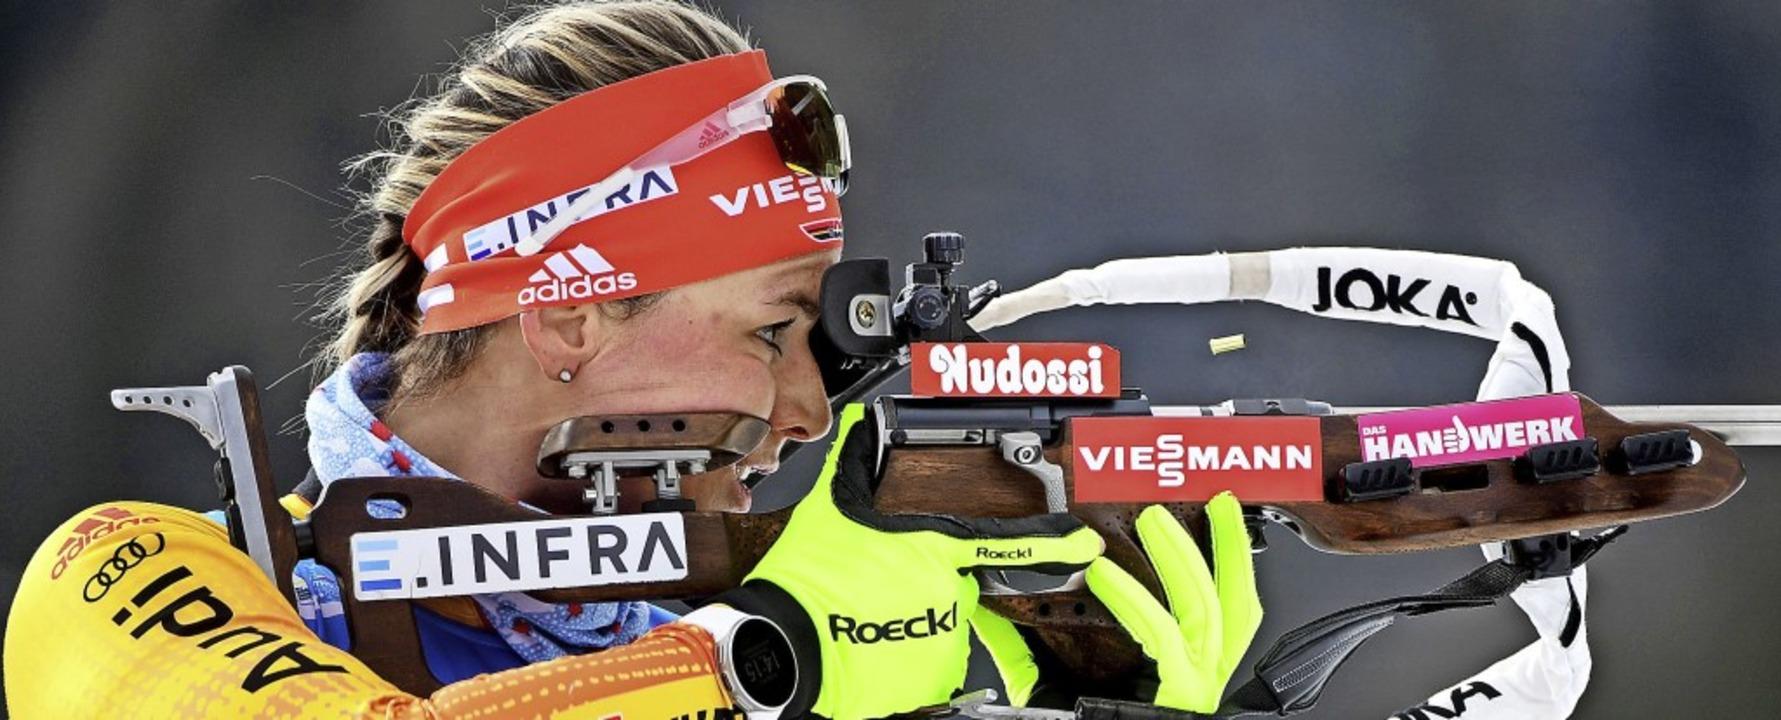 Drei Fehler beim Schießen waren für De...el, um auf das Siegerpodest zu kommen.  | Foto: Hendrik Schmidt (dpa)